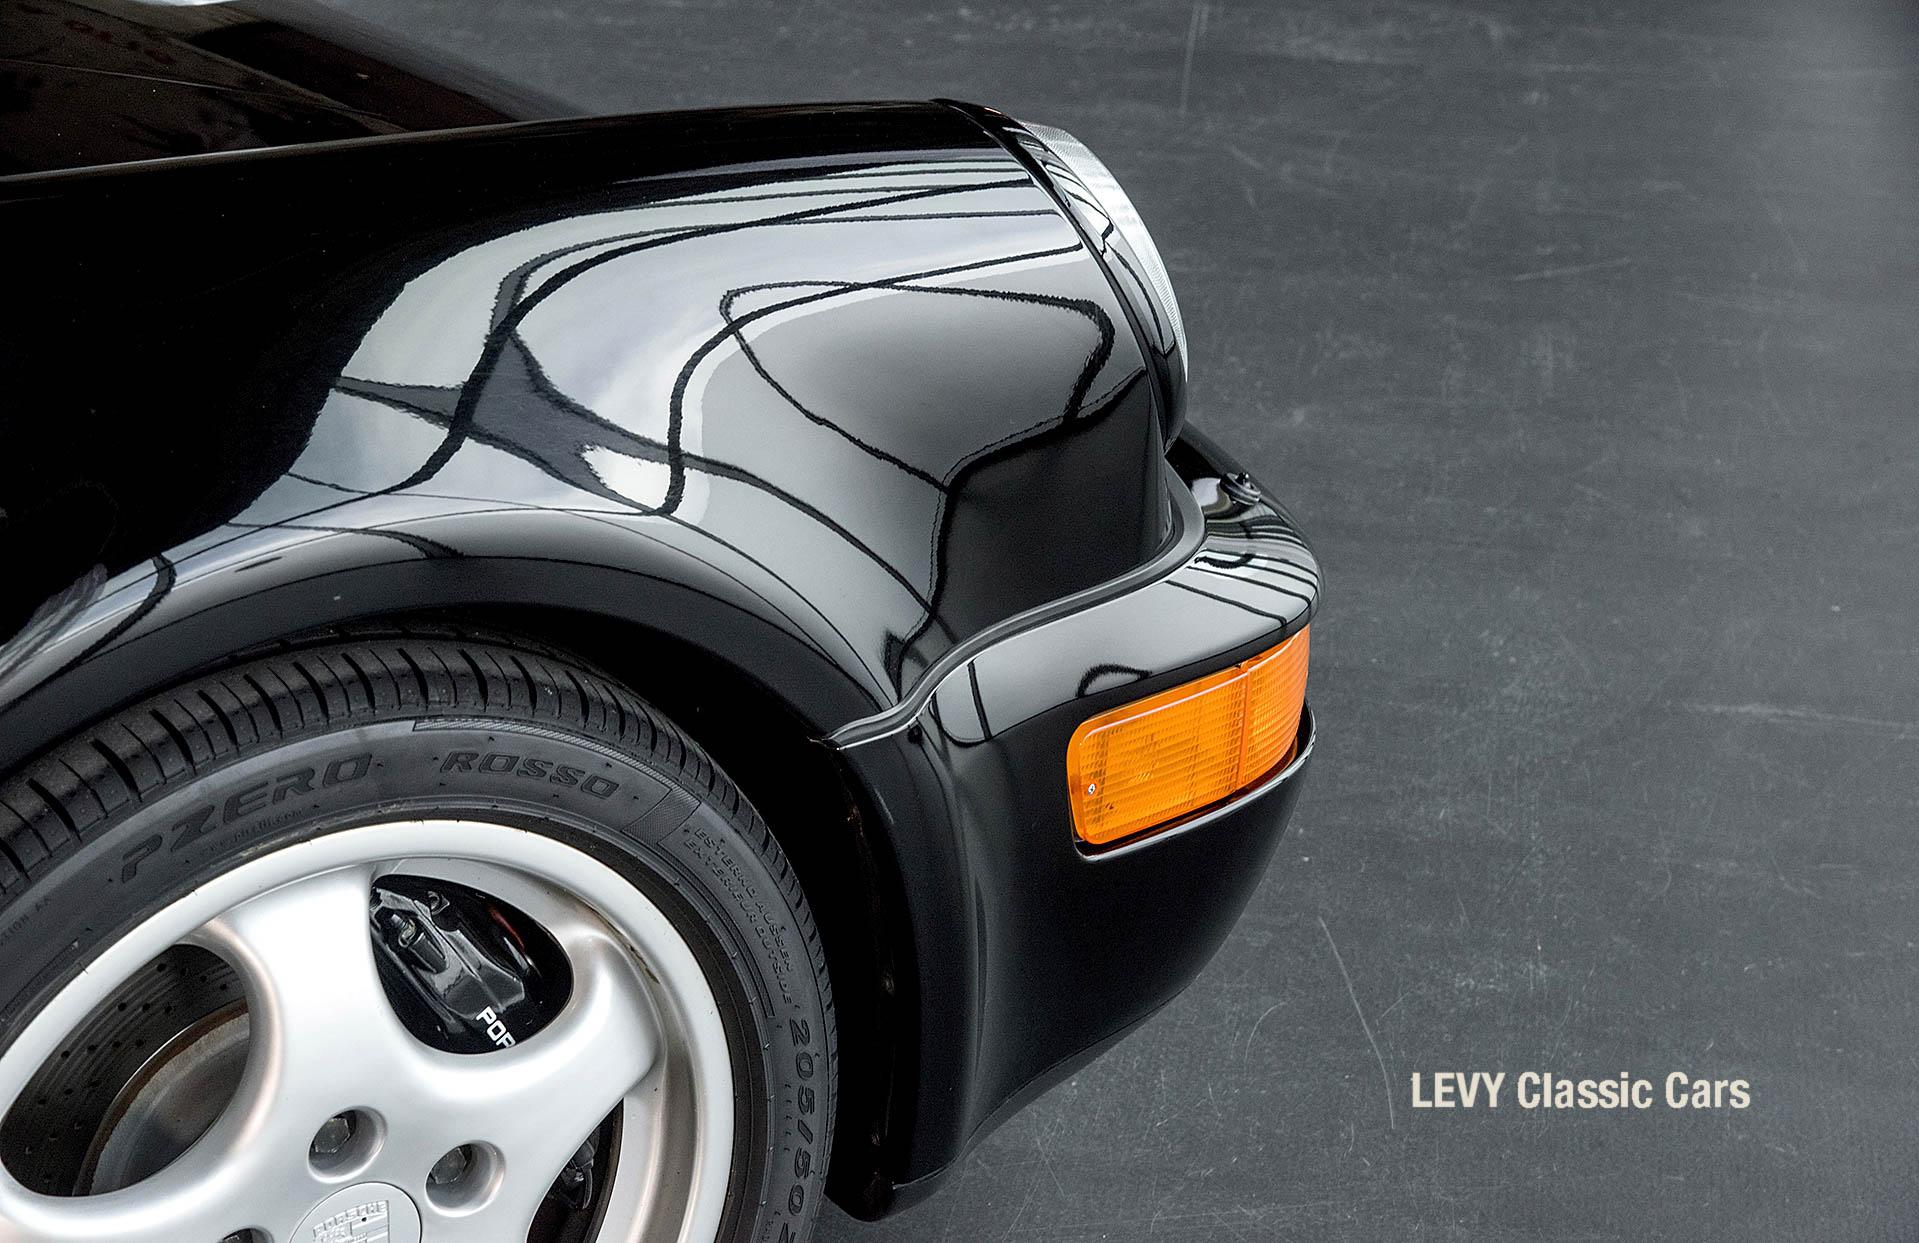 Porsche Turbo 72200 schwarz 66